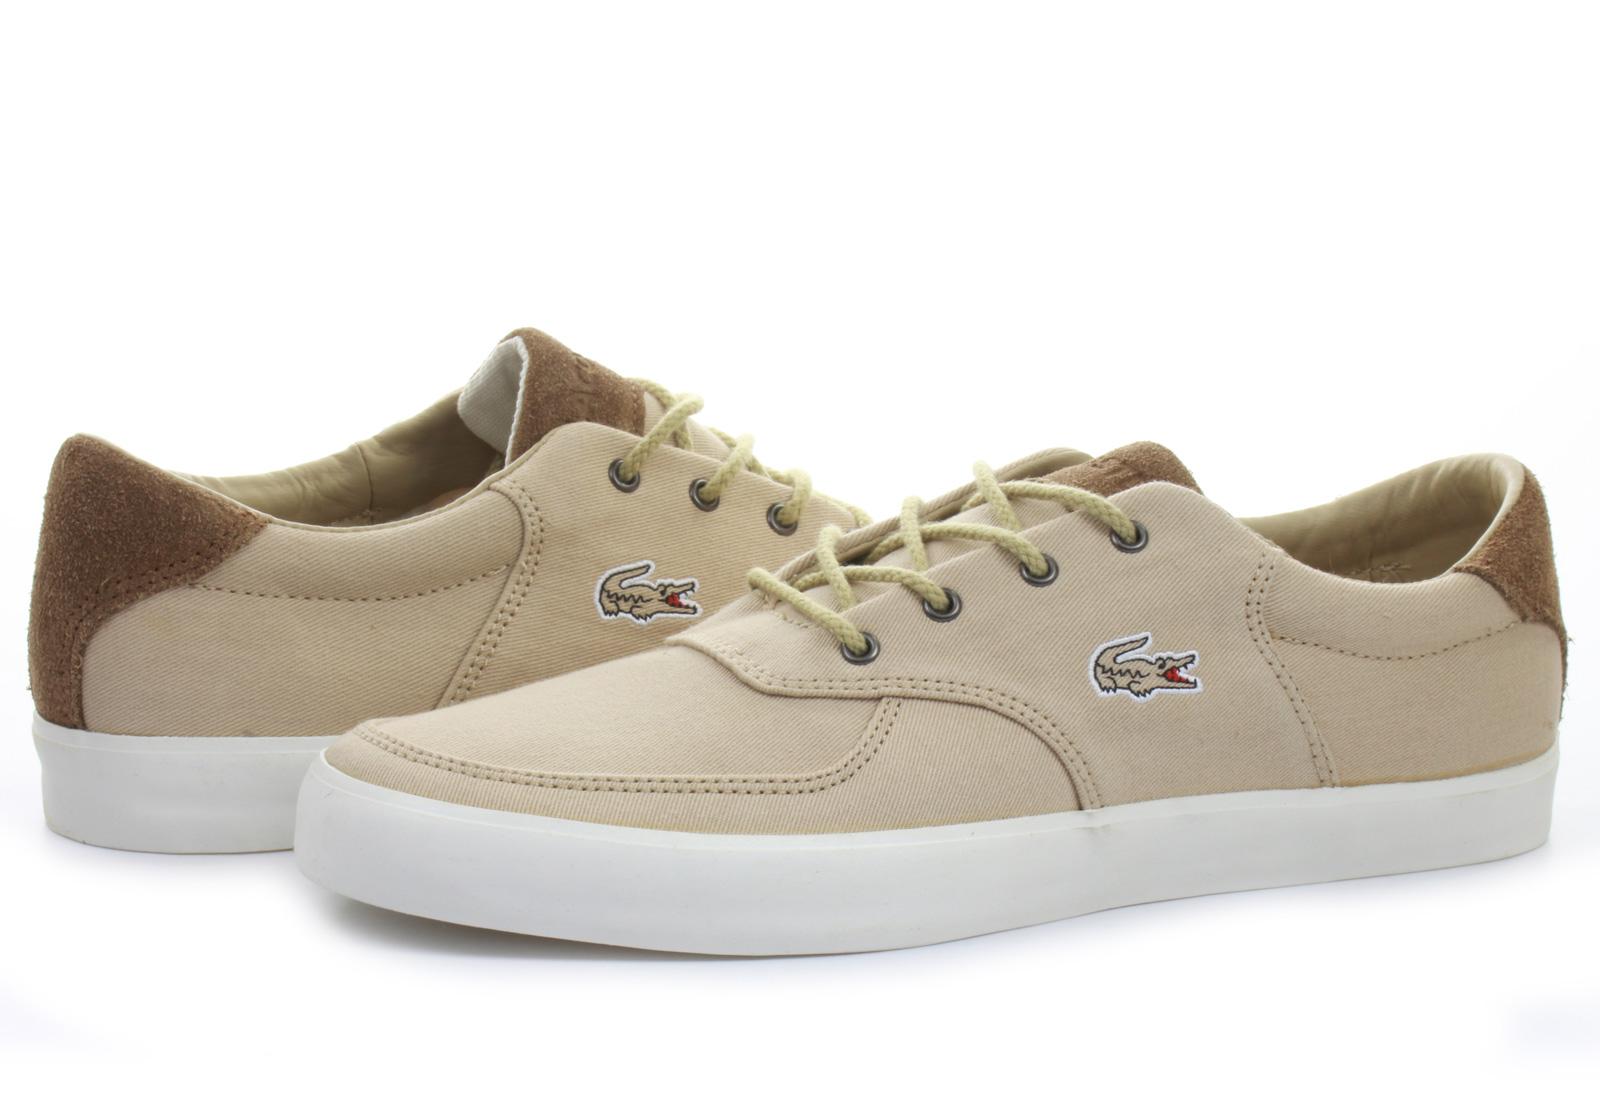 Lacoste Shoes - Glendon - 142srm2308-158 - Online shop for sneakers ... 1d60c560383